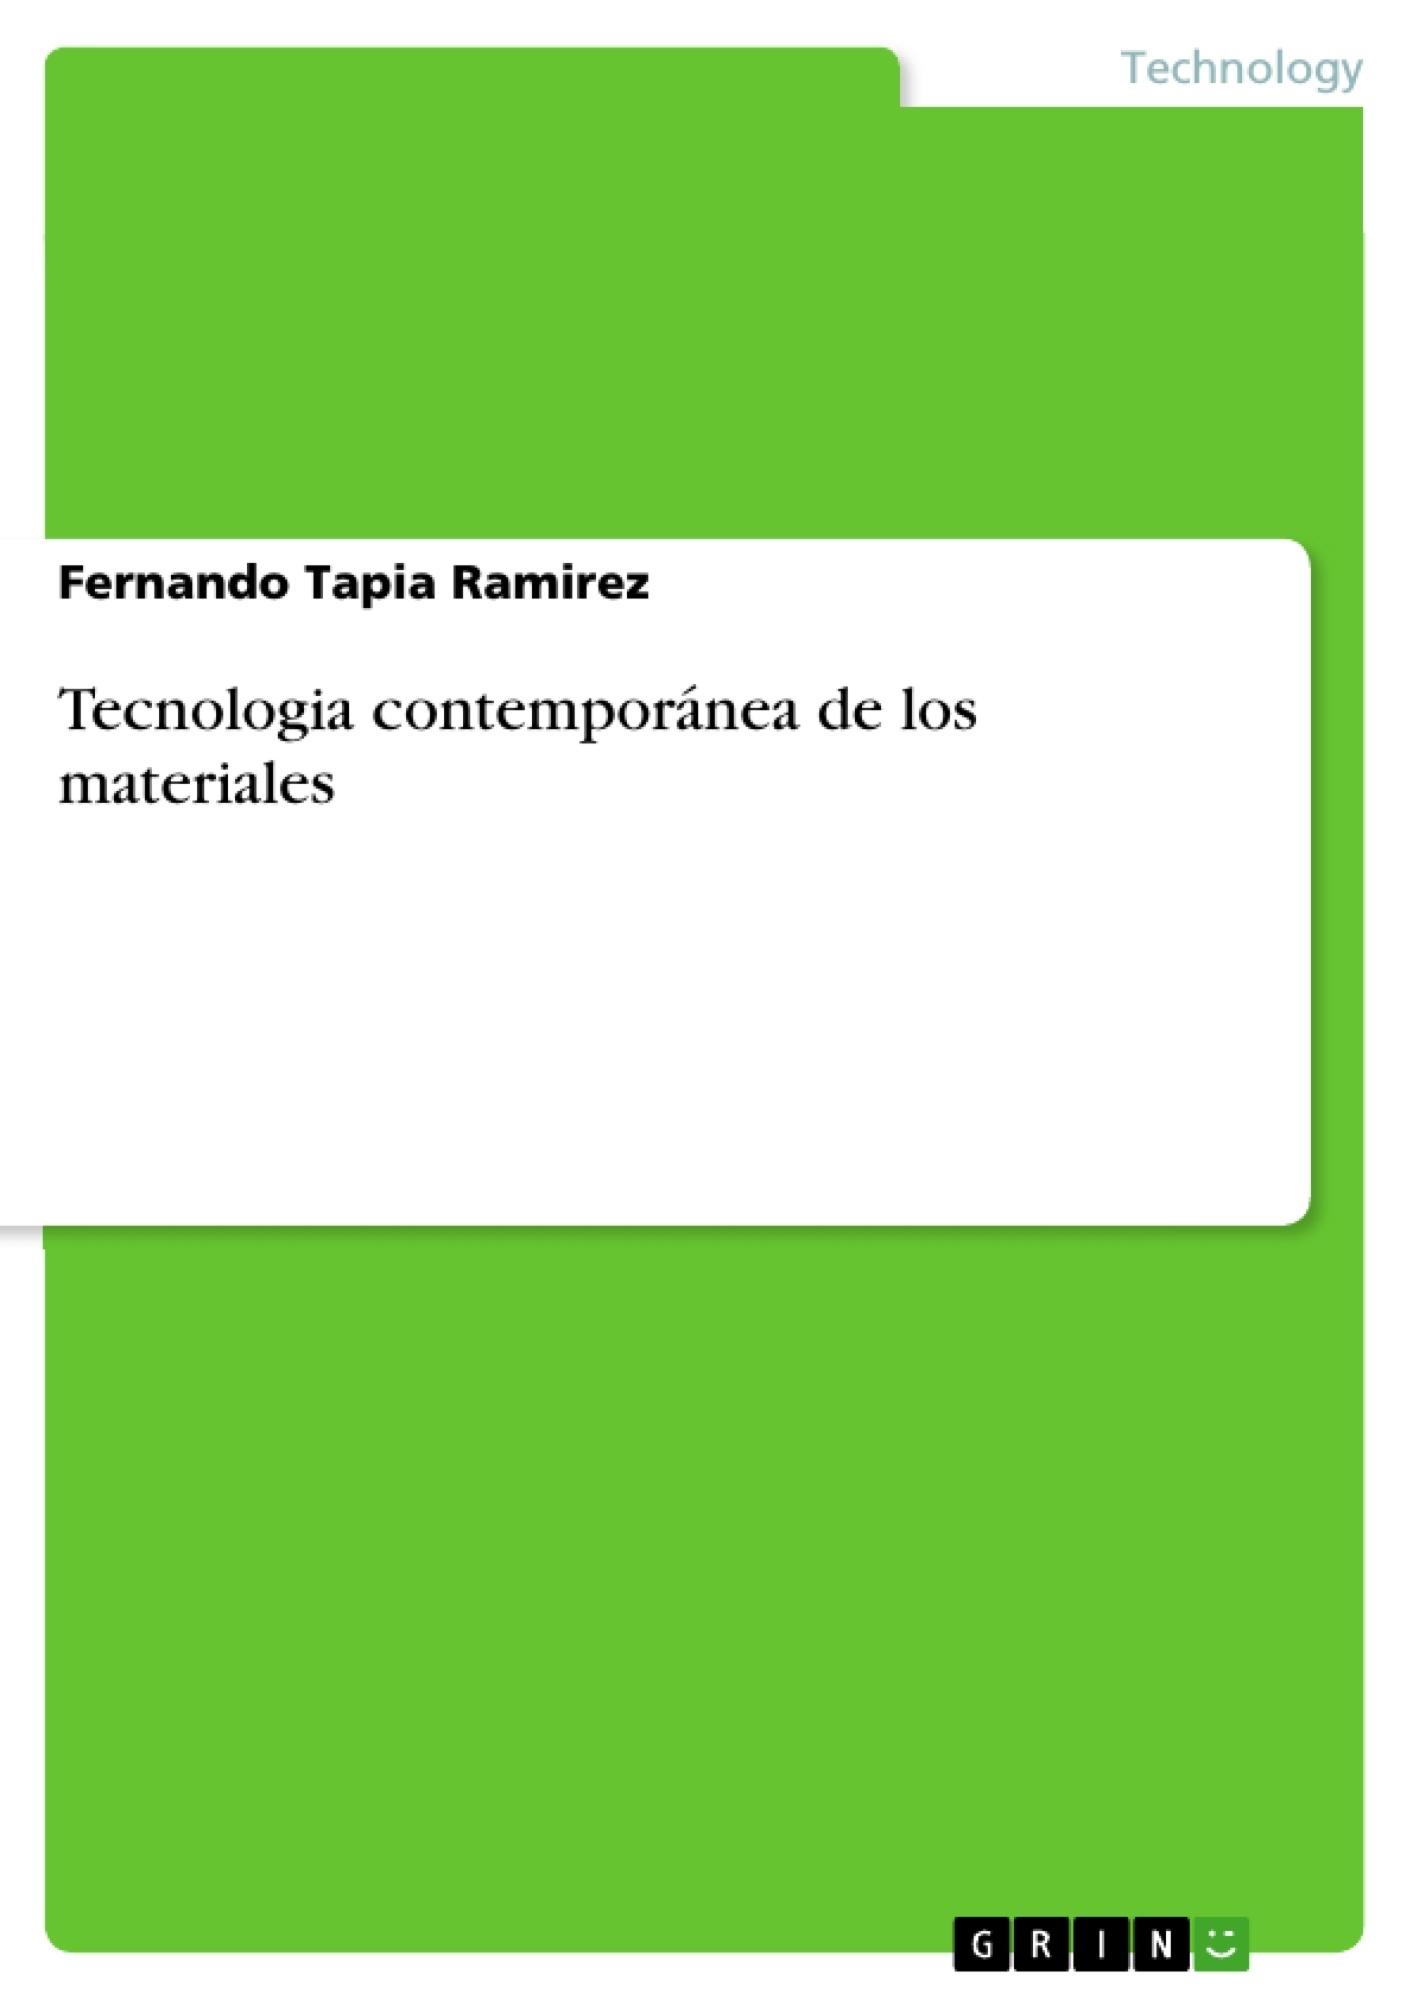 Título: Tecnologia contemporánea de los materiales